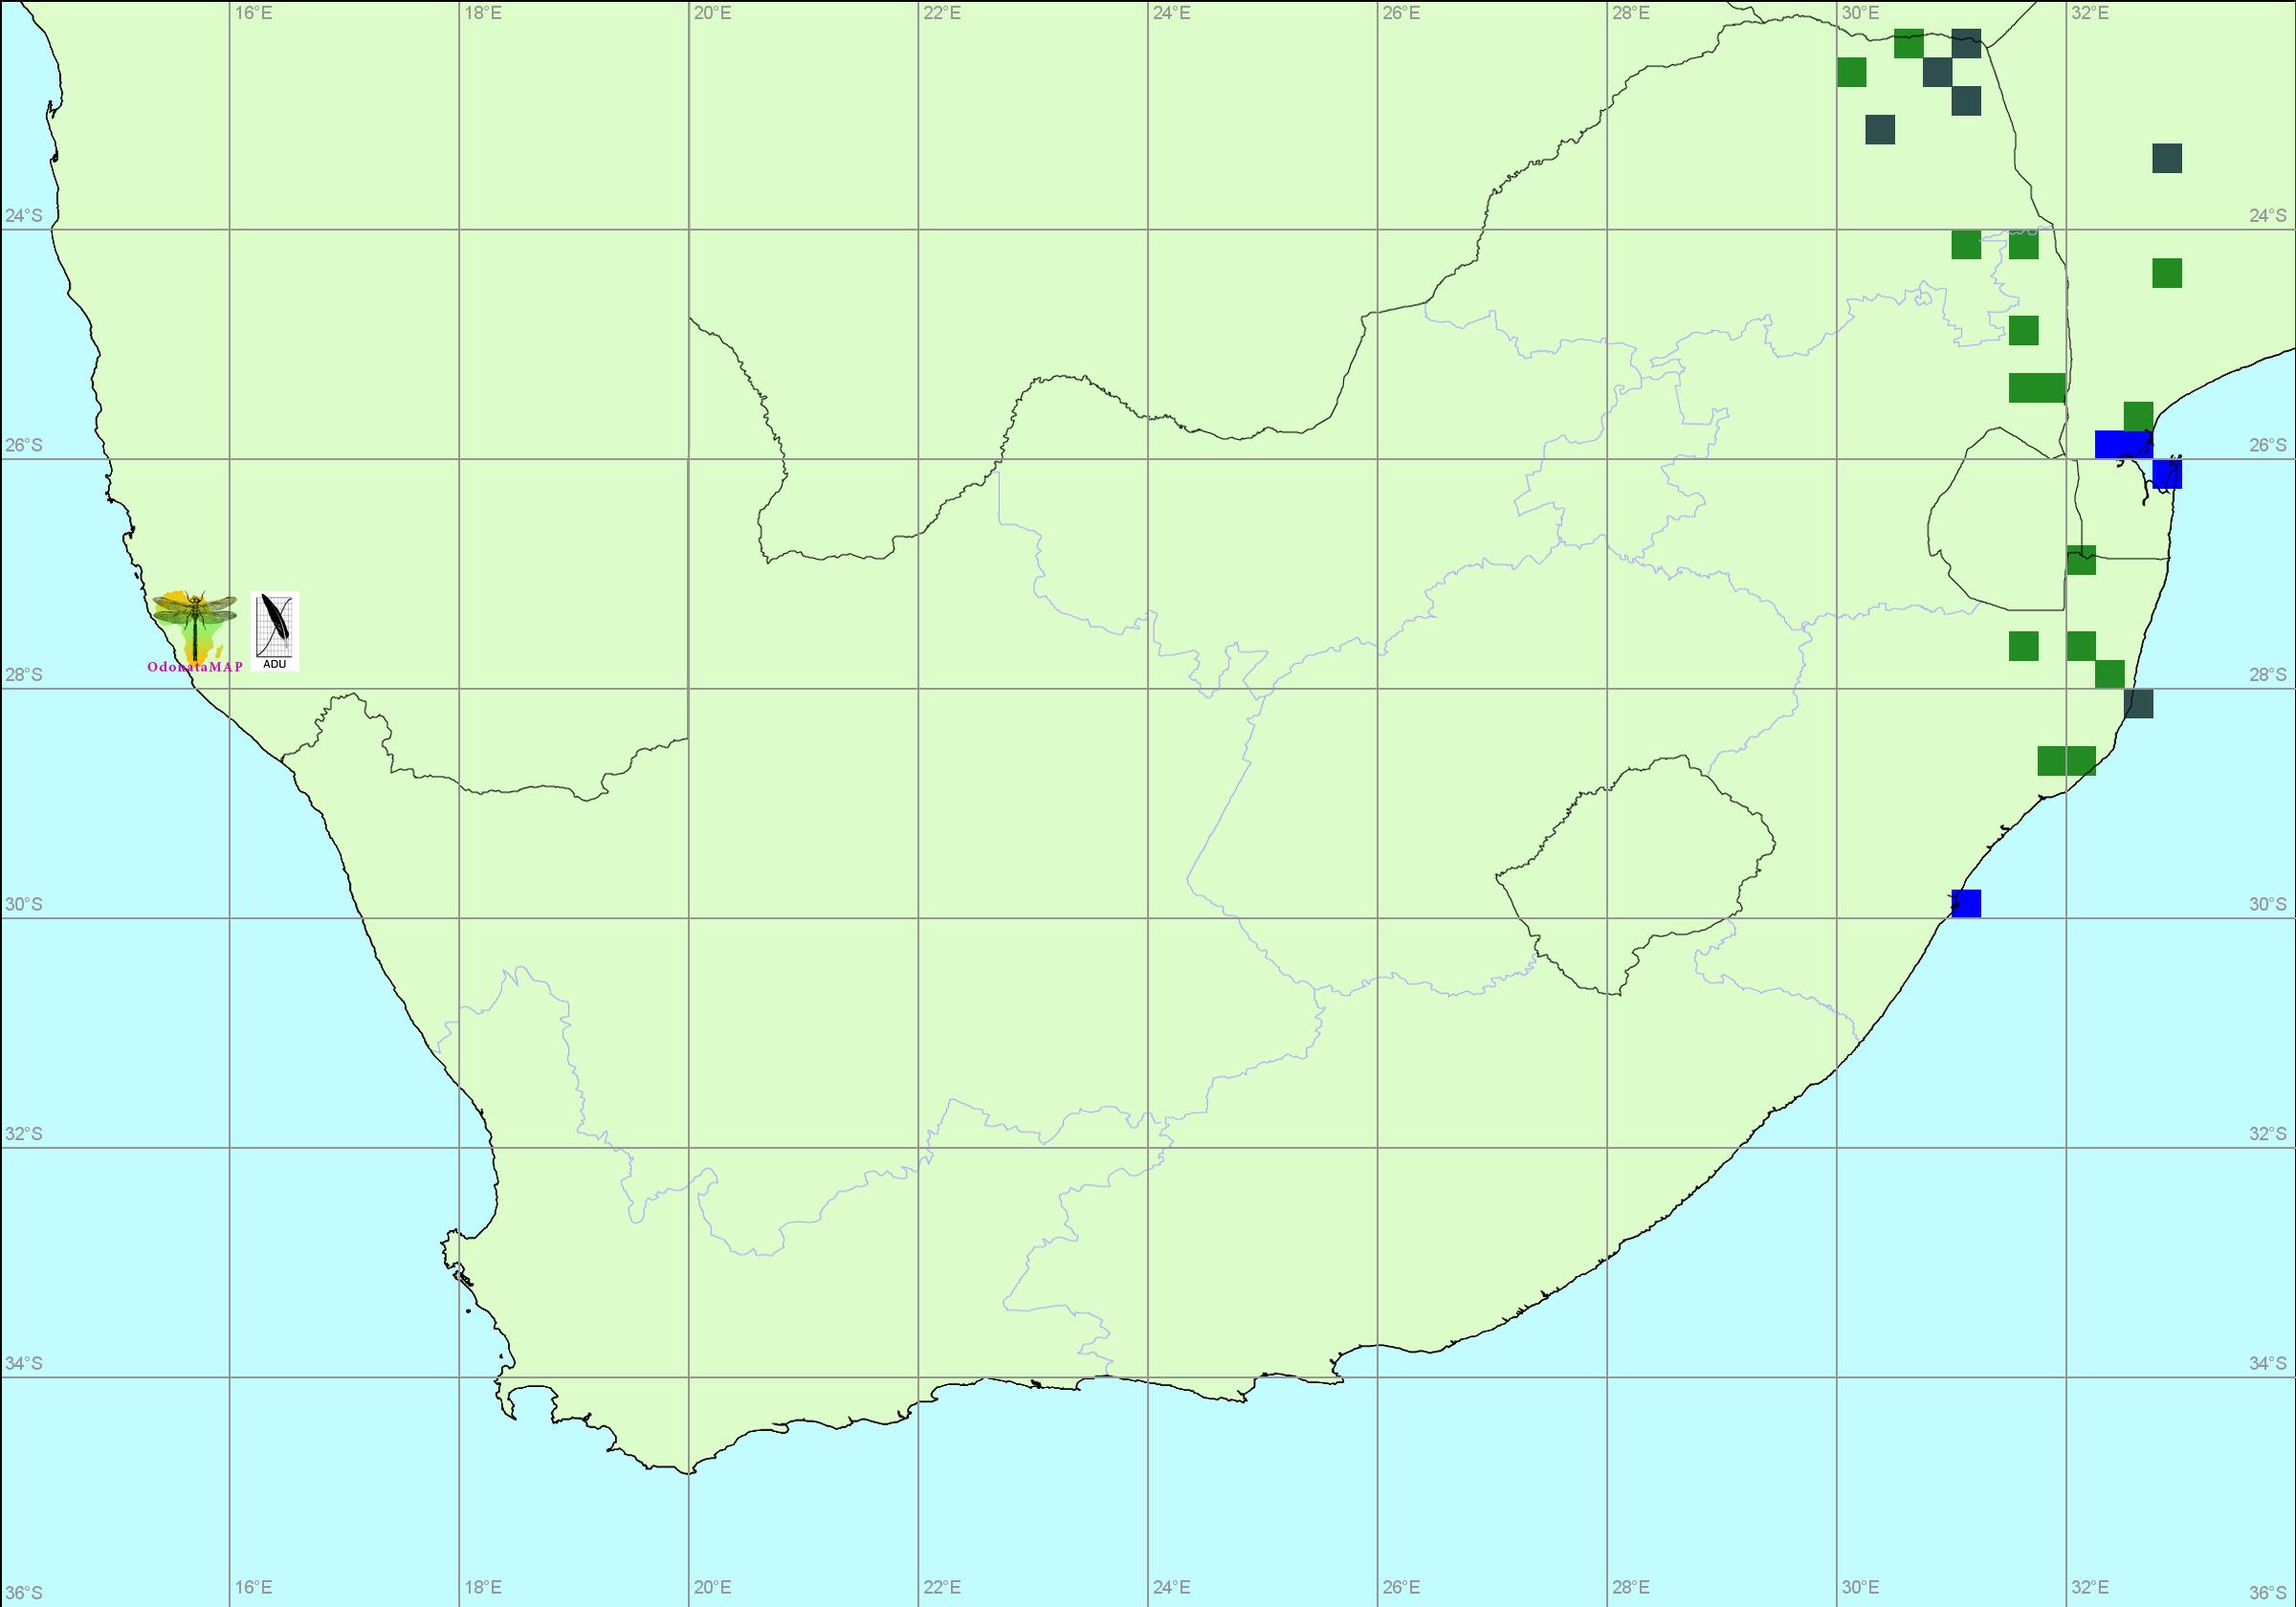 http://vmus.adu.org.za/vm_map_afr.php?&database=odonata&grid=2&outline=1&key=0&map=3&spp=660370